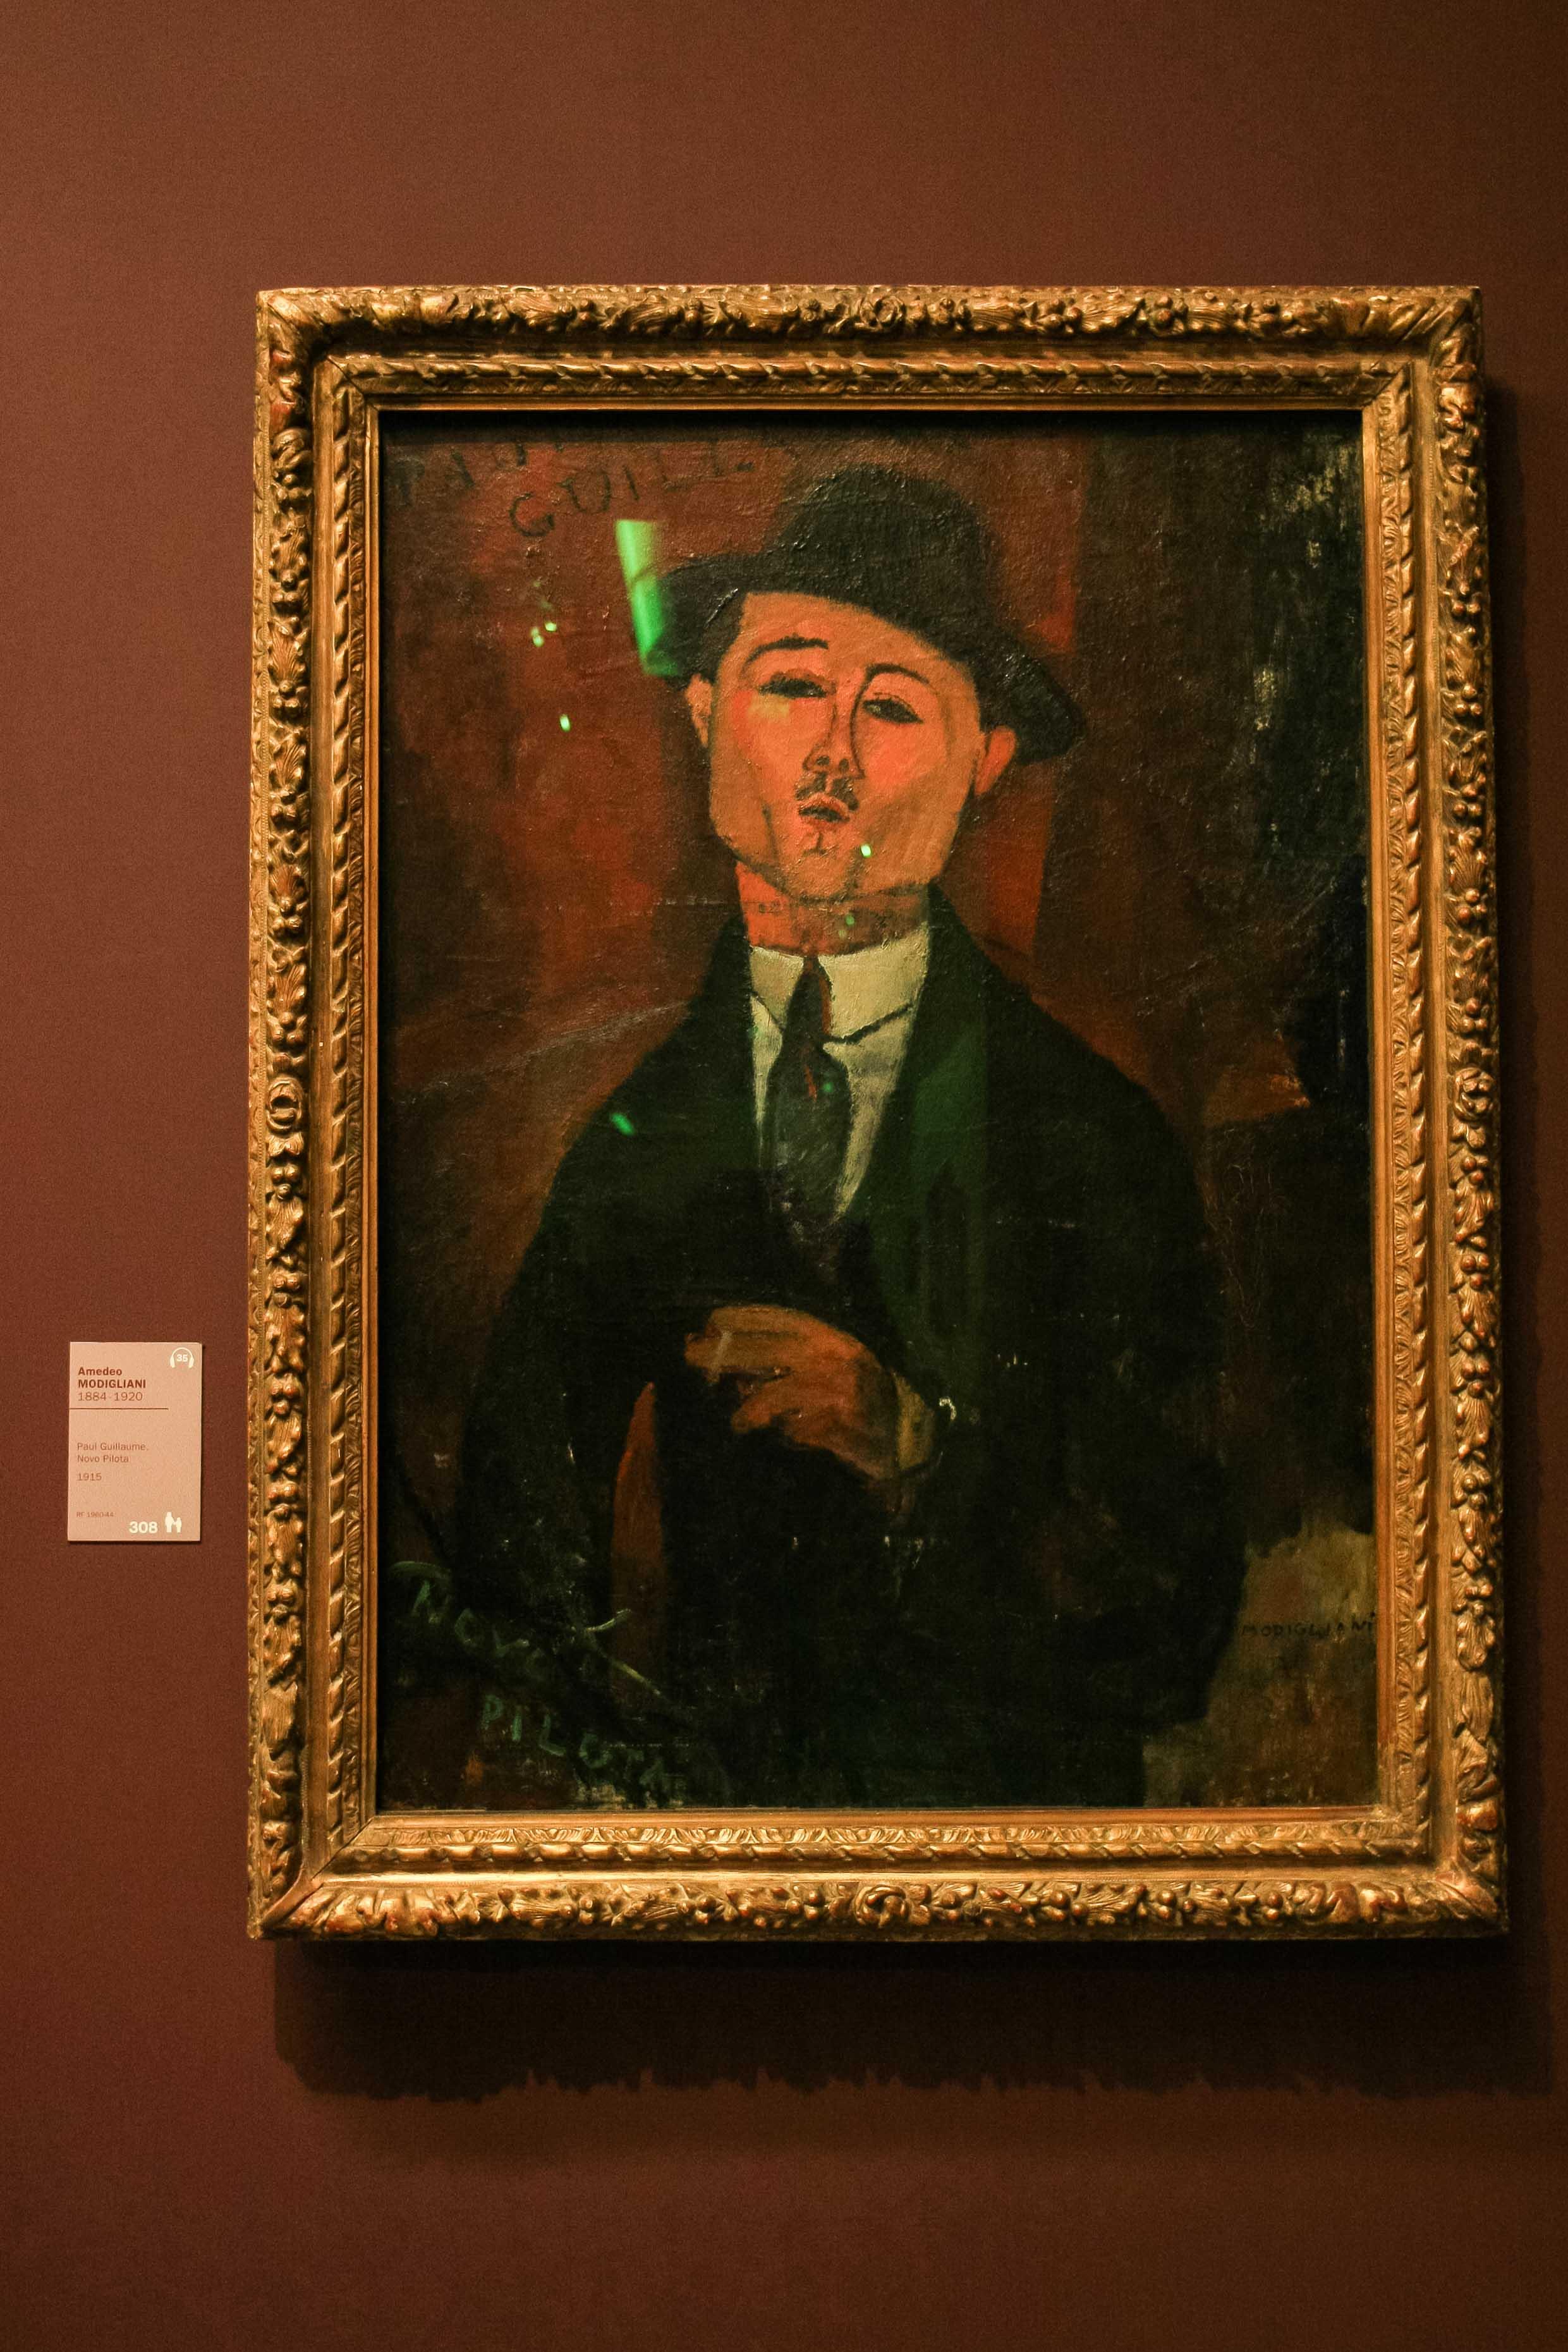 【フランス旅行】パリ オランジュリー美術館 オメデオ・モディリアーニとは